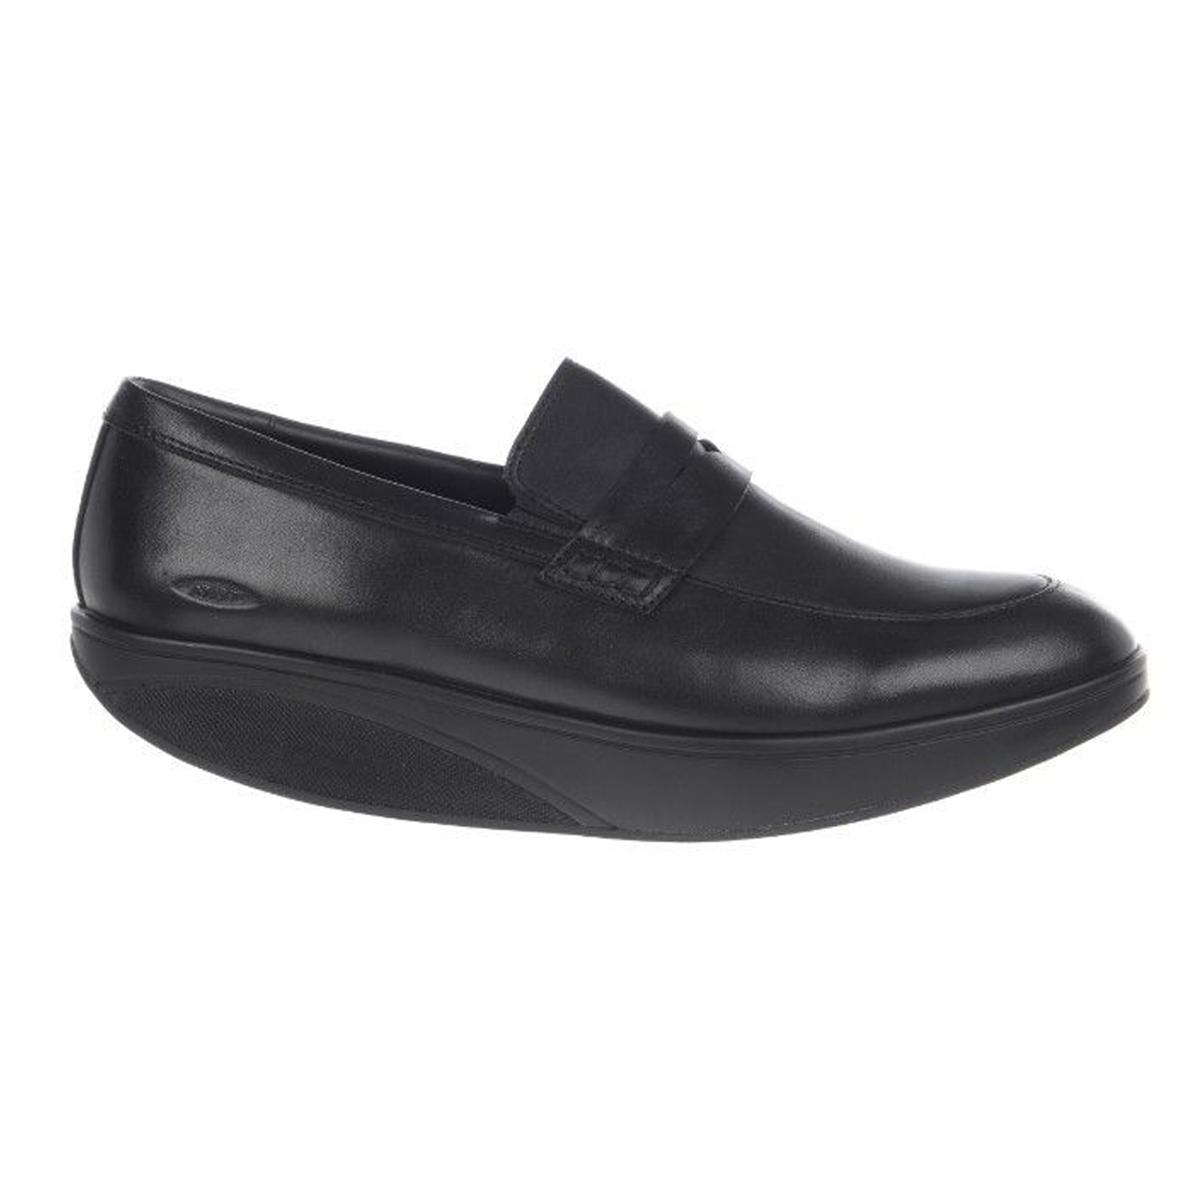 ASANTE-6-Men's-Loafer-in-Black-Nappa-Leather